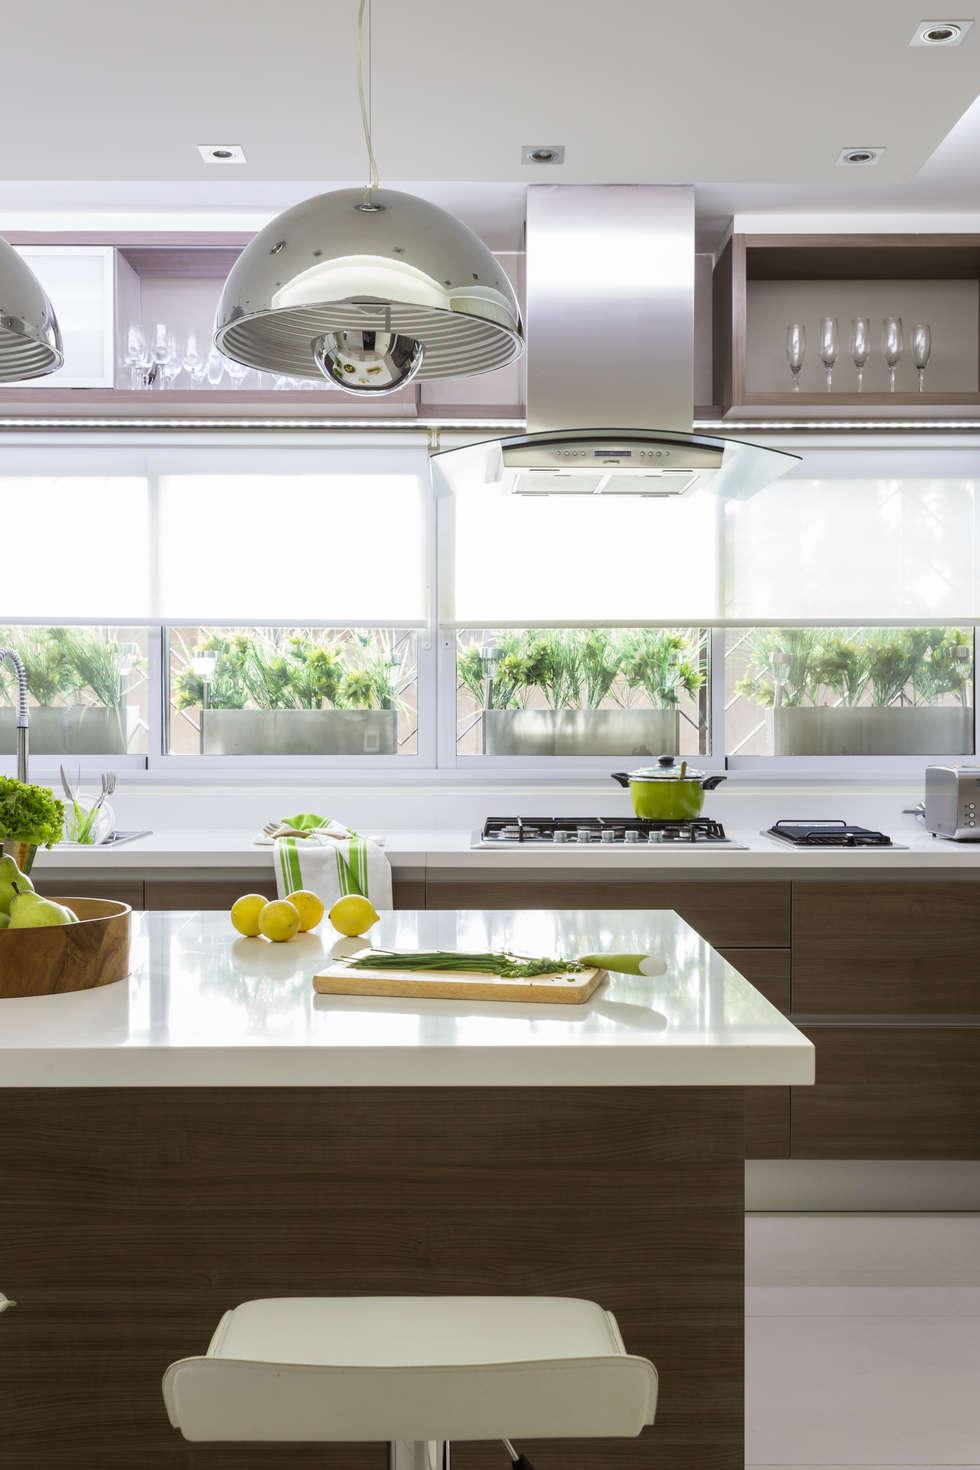 campana de cocina: Cocinas de estilo moderno por GUTMAN+LEHRER ARQUITECTAS